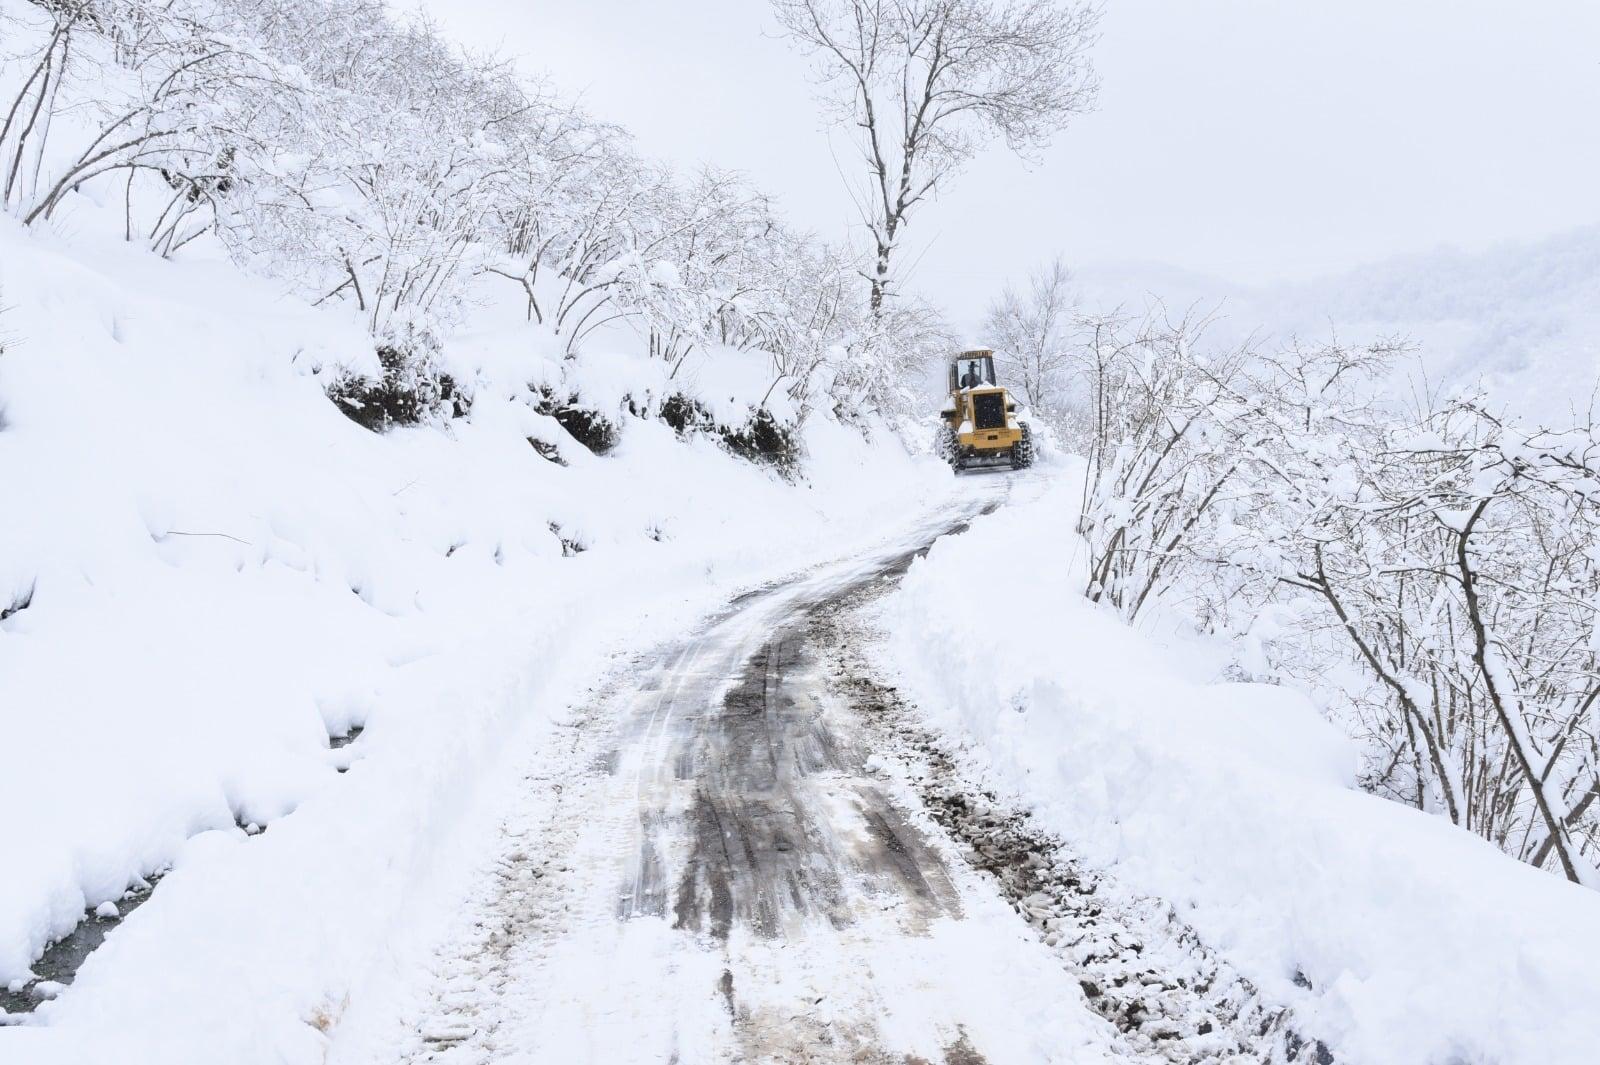 Görele'de Kar Nedeniyle Ulaşımın Aksamasına İzin Verilmedi